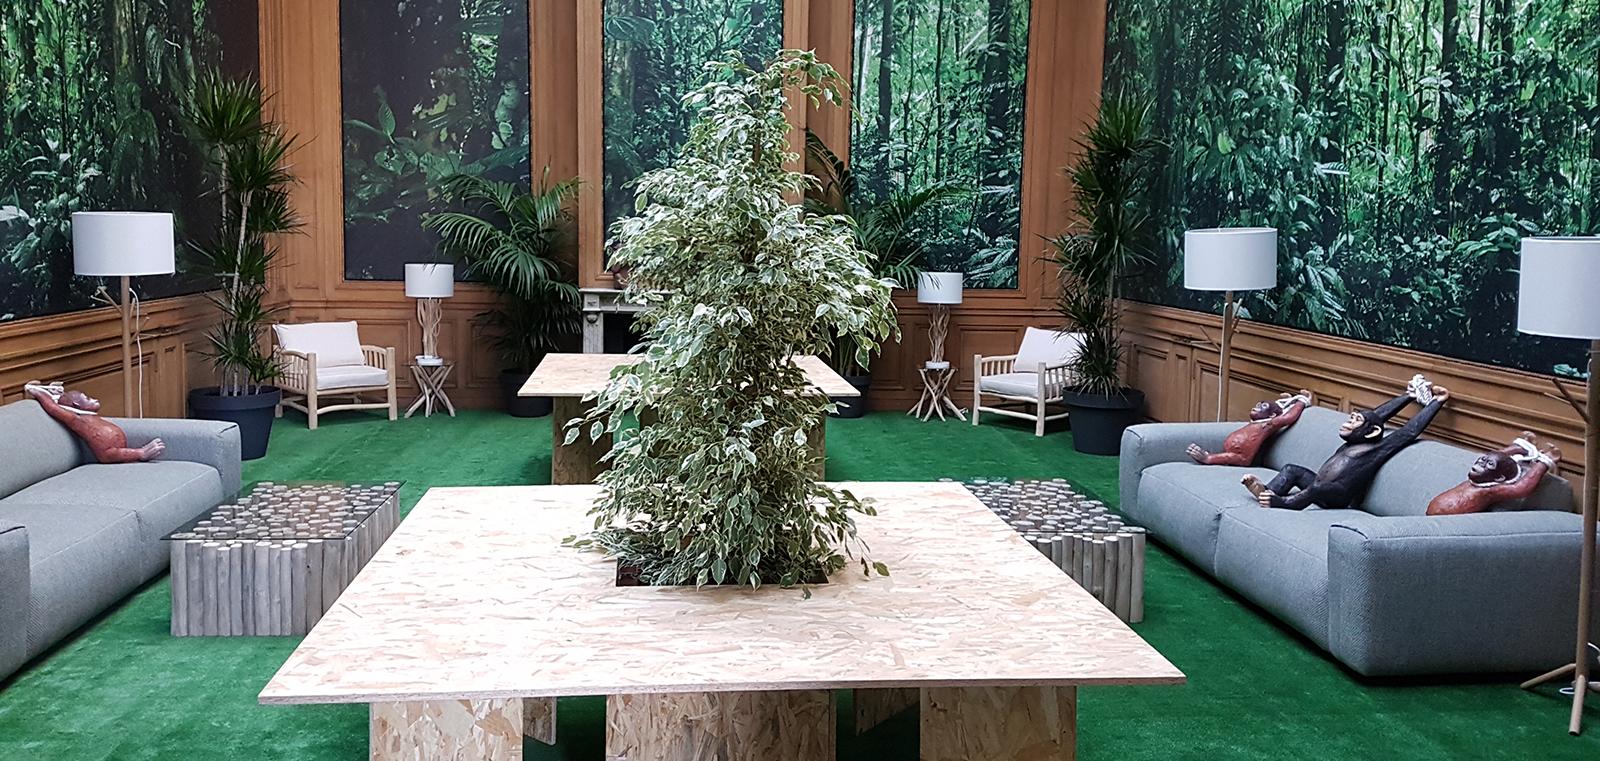 Jungle room - Salle détente